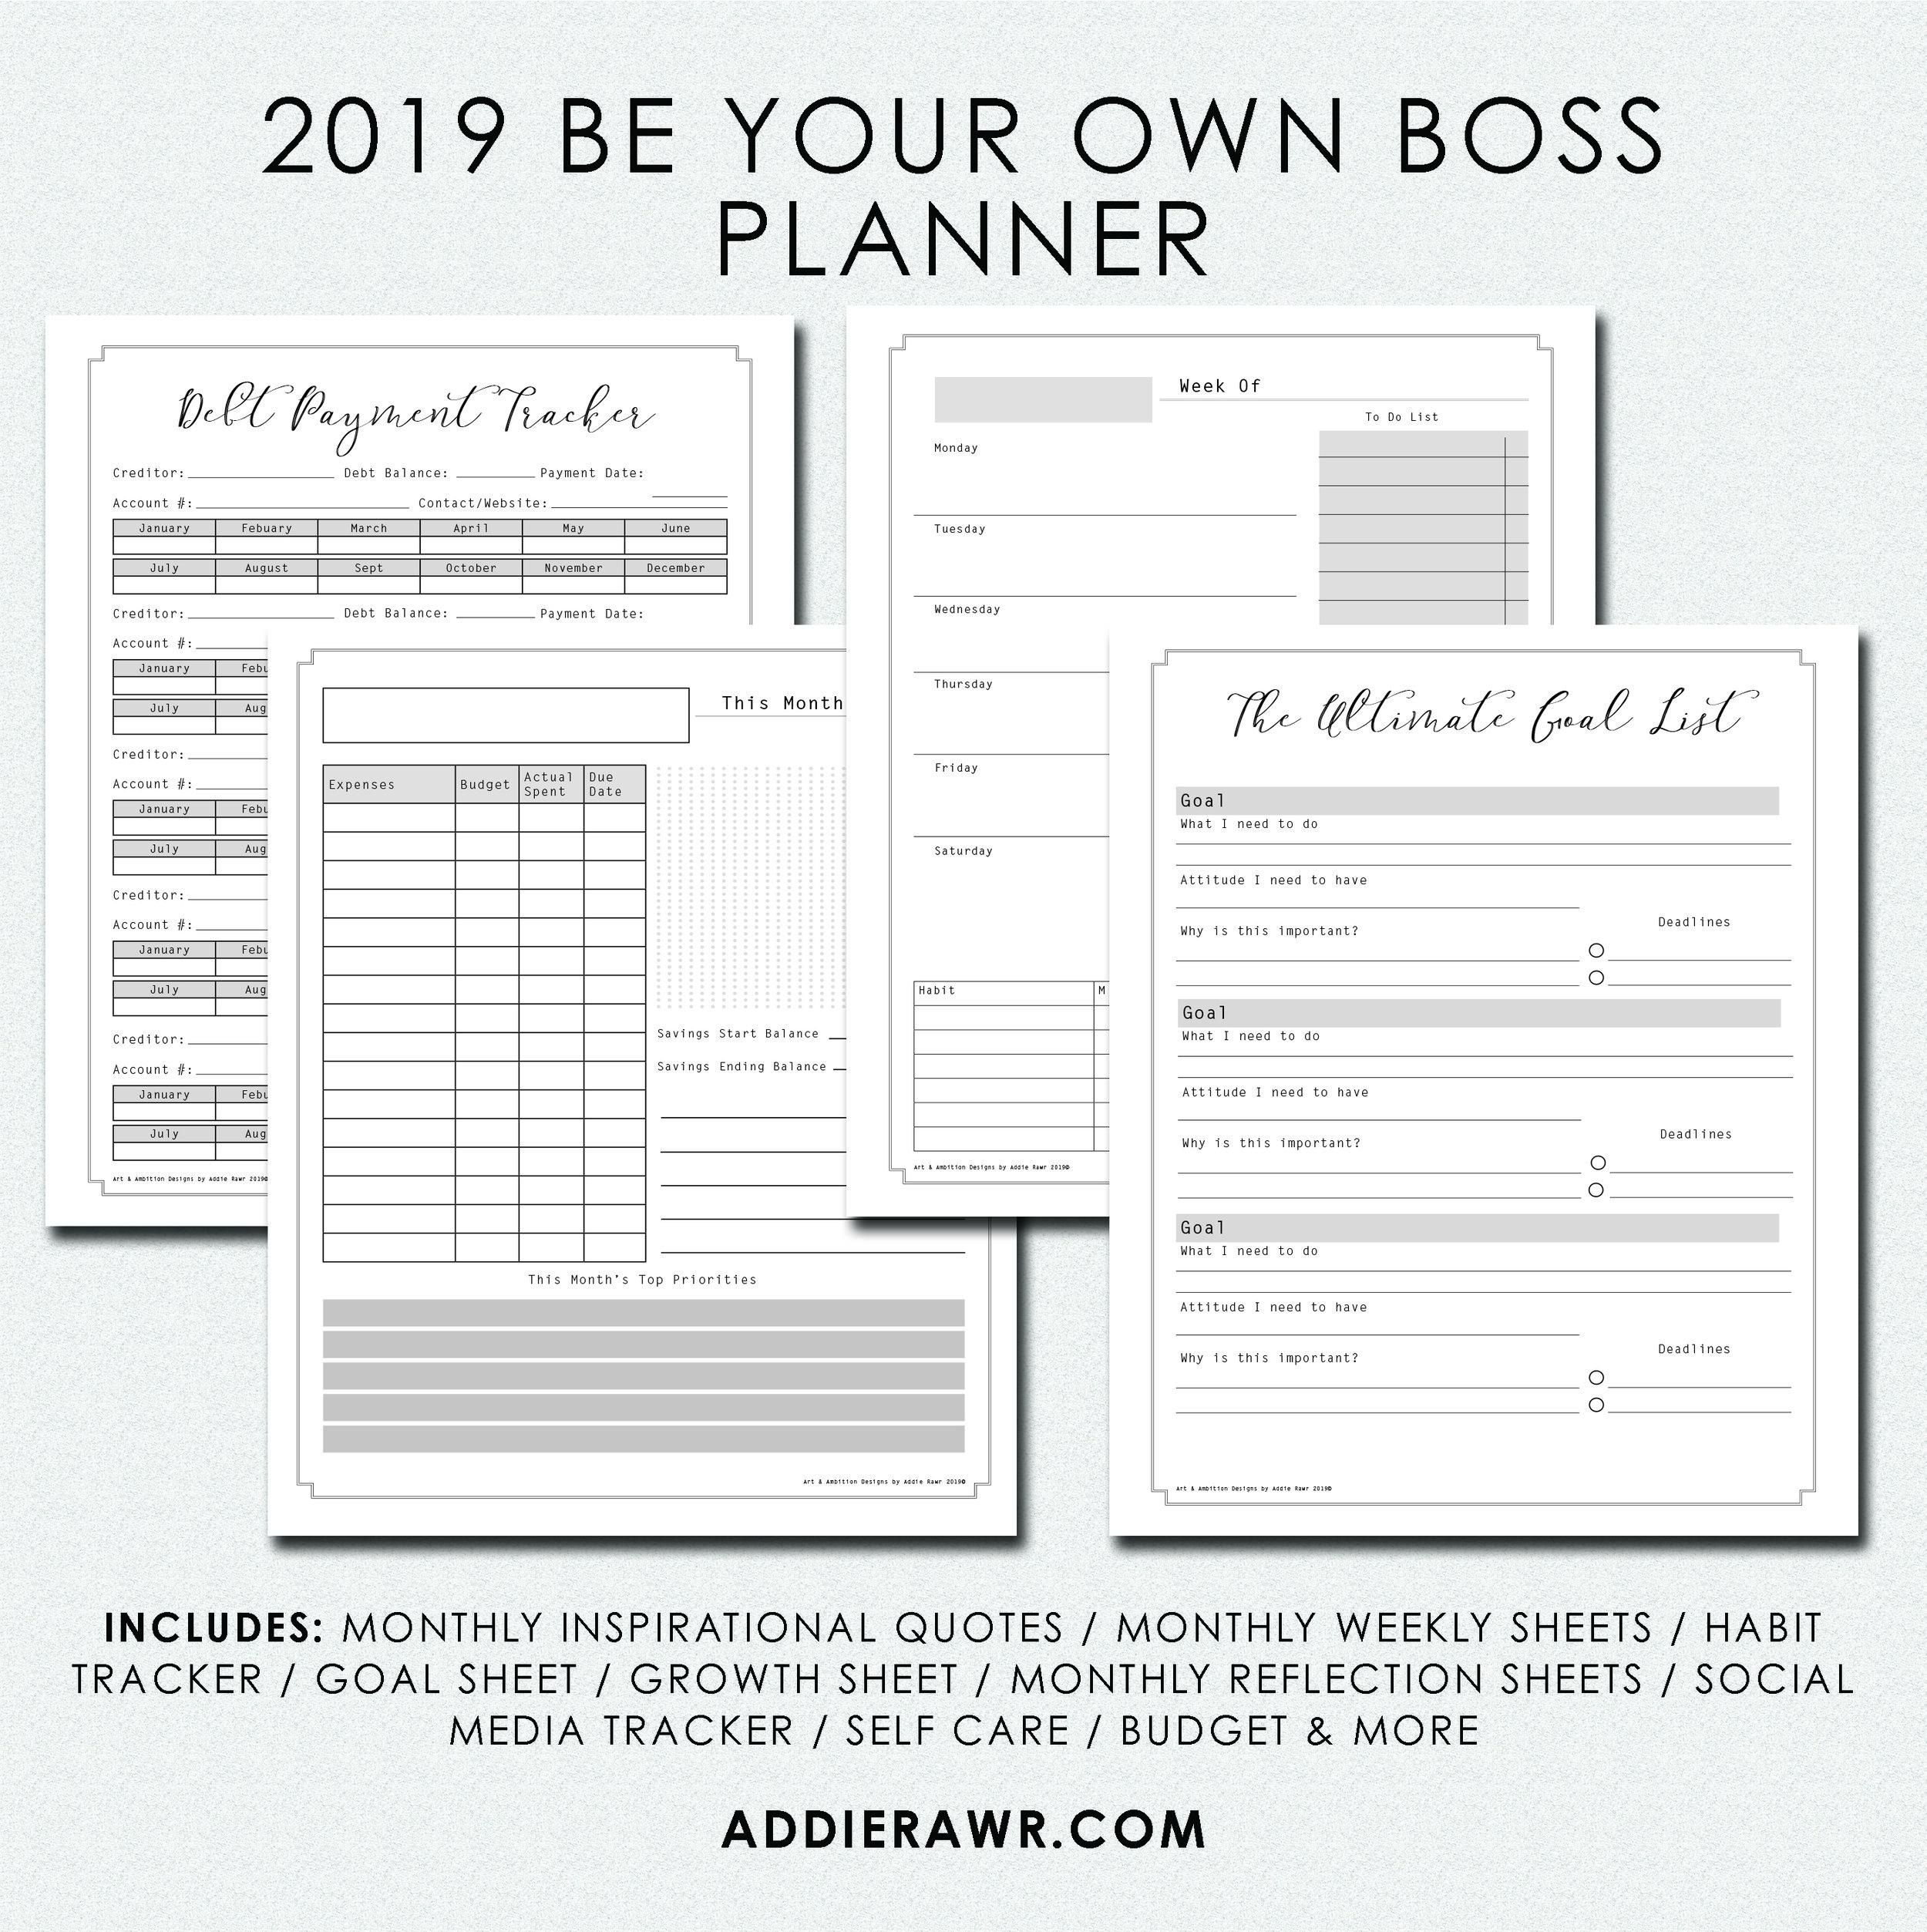 beyourownboss planner sheet.jpg